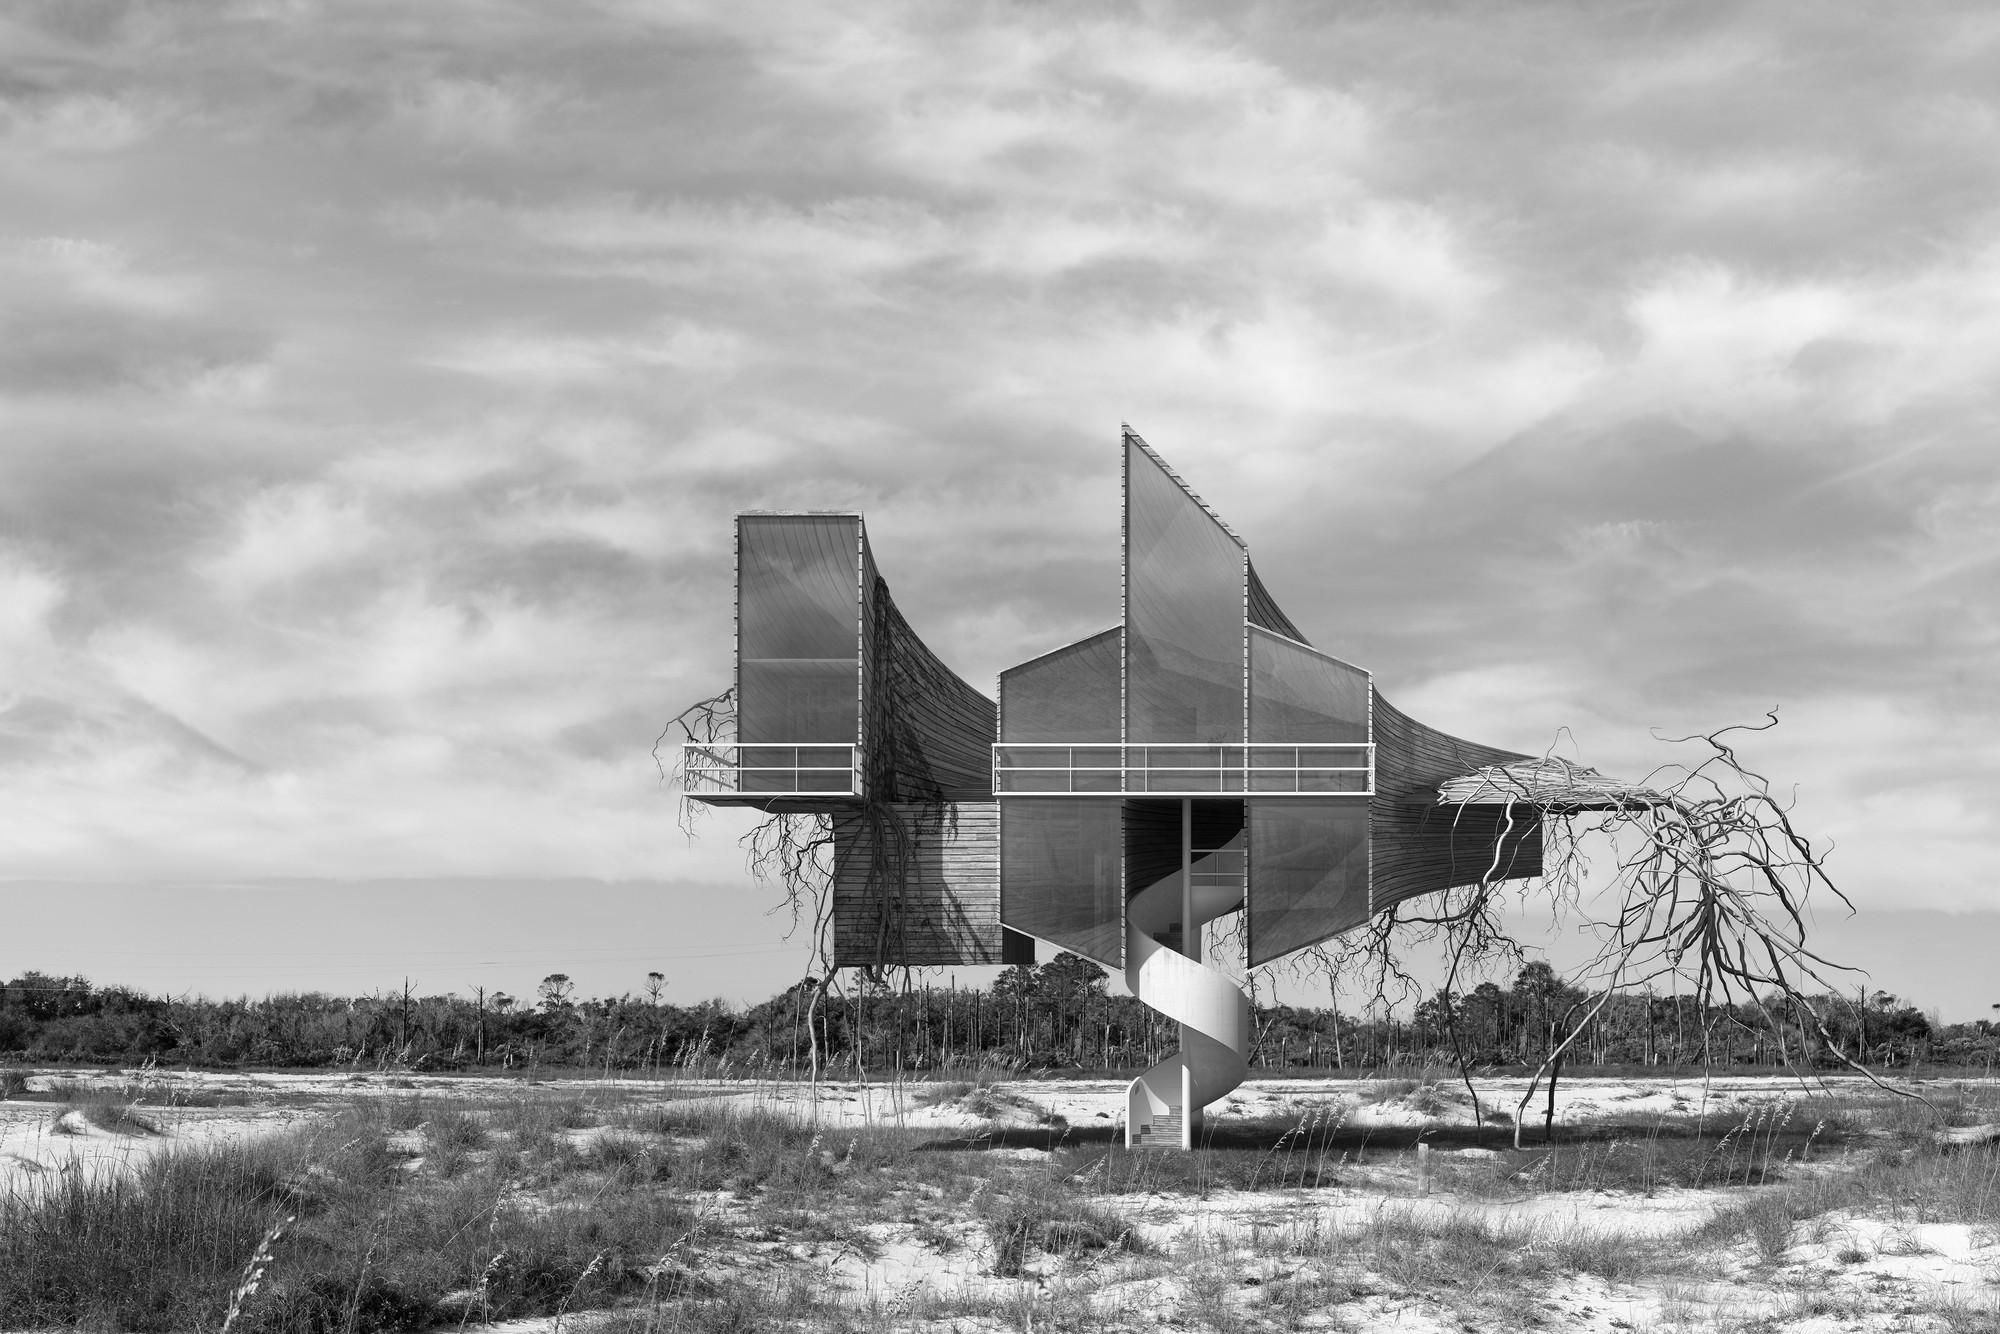 Arte y Arquitectura: arquitectura para la resistencia por Dionisio González, © Dionisio González. Cortesía de Yusto / Giner